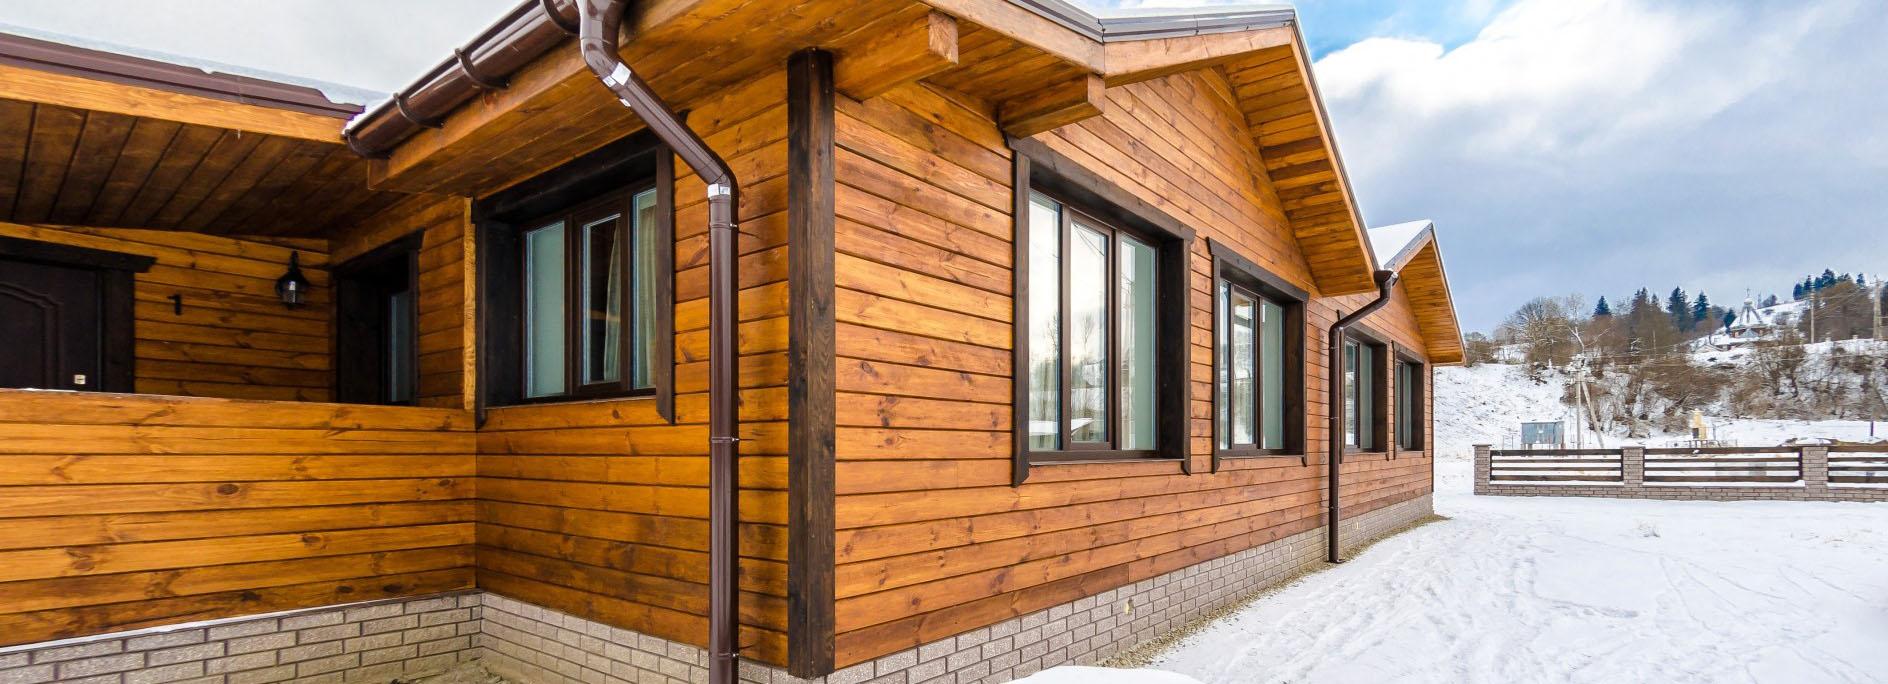 Отделка фасада частного дома варианты, что лучше выбрать